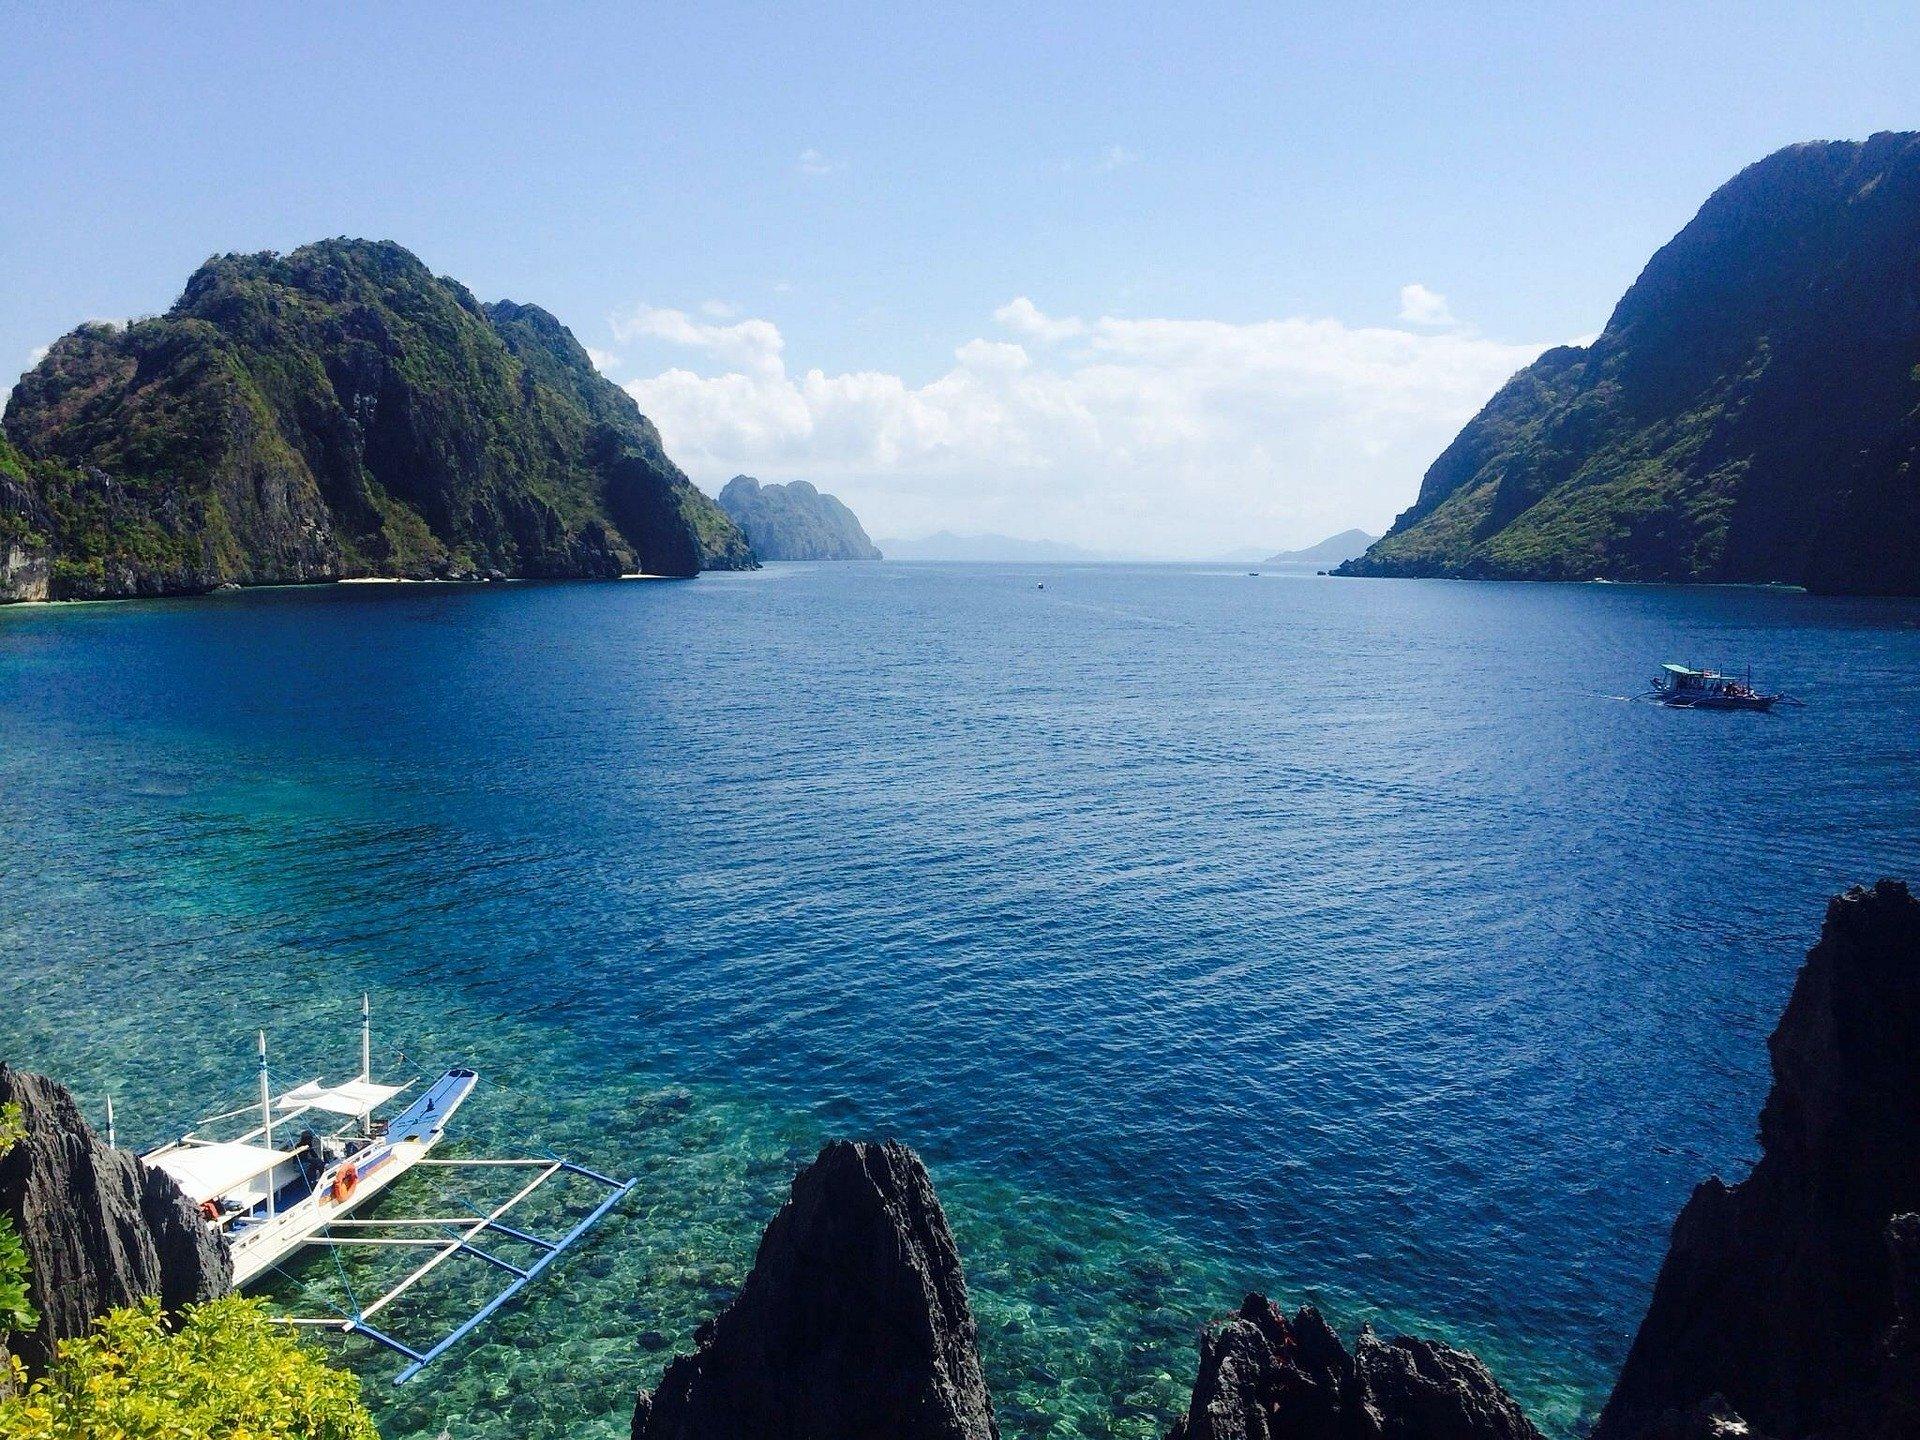 בחירת חברת נסיעות לטיול בפיליפינים